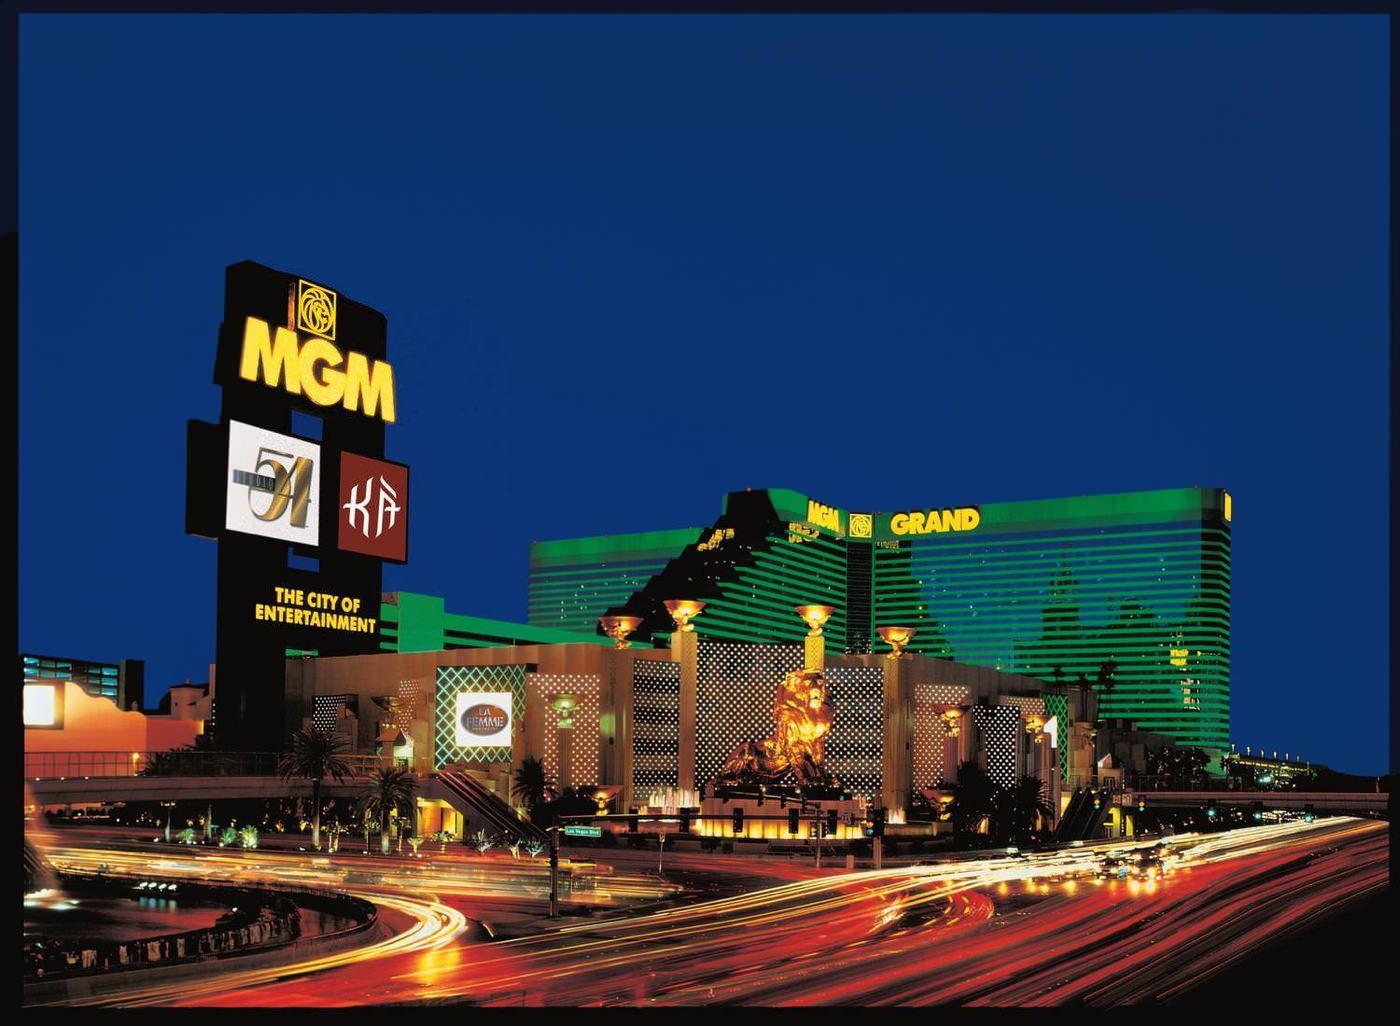 ¿Cuál es el hotel más grande del mundo?